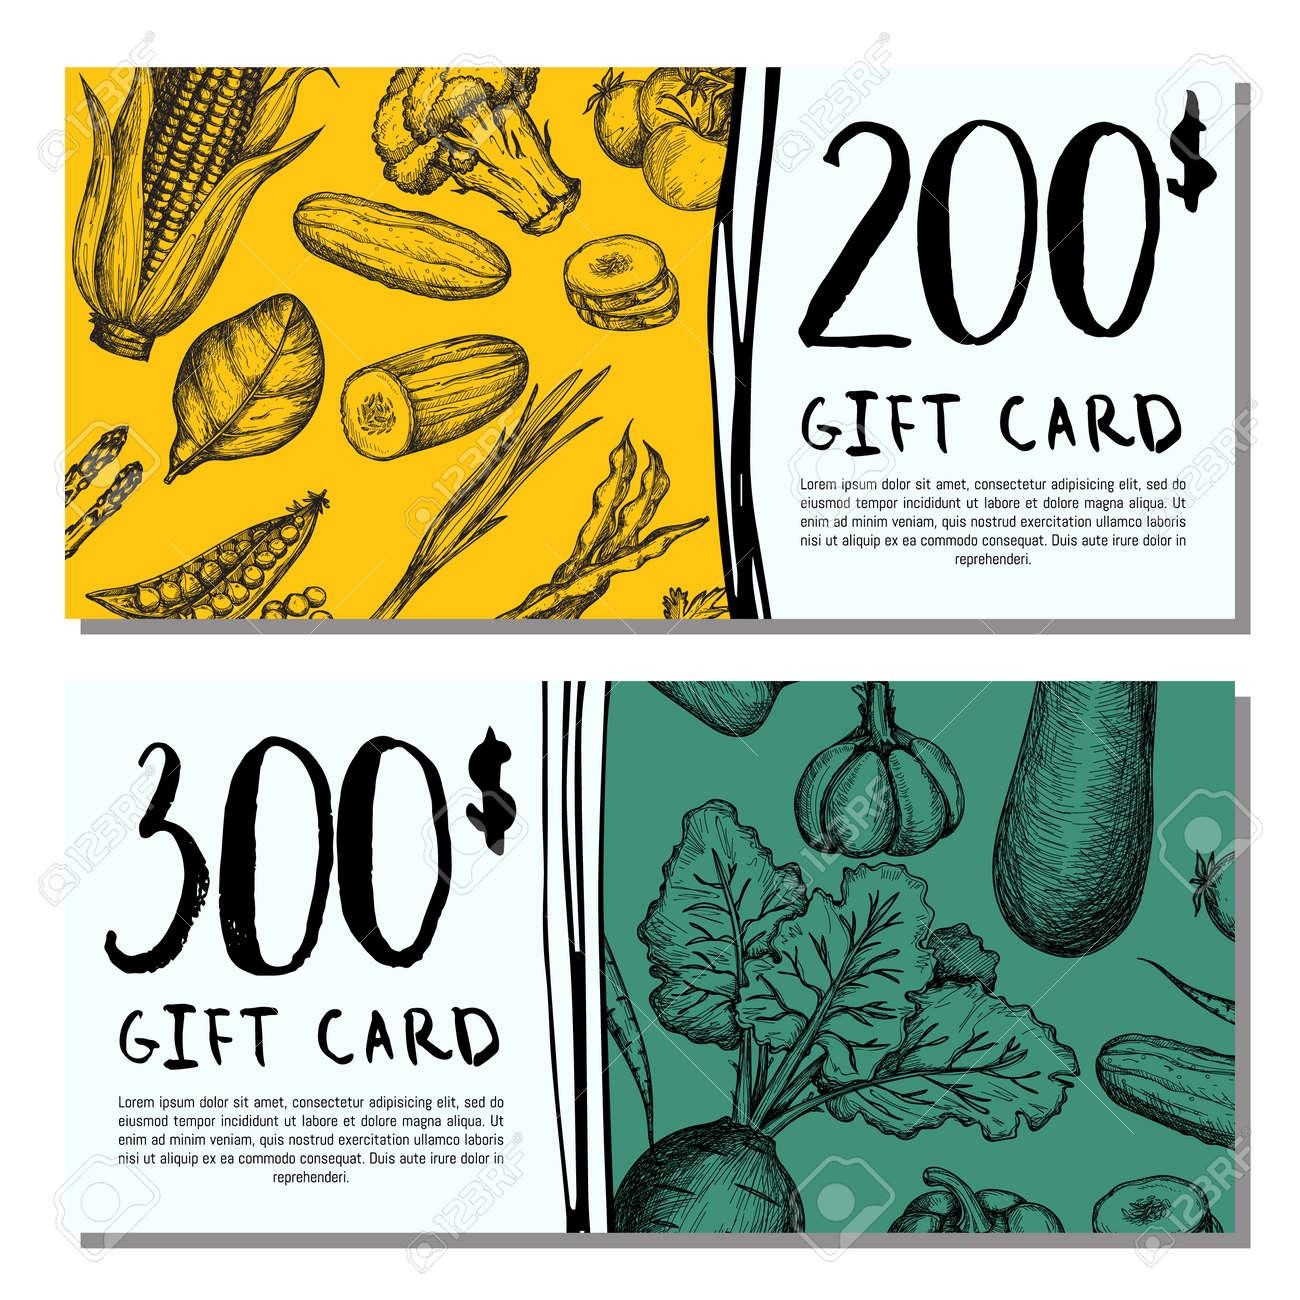 Conjunto de tarjetas de regalo de café vegano. Ejemplo del vector del producto vegetariano, diseño natural del vale del descuento de la tienda de la